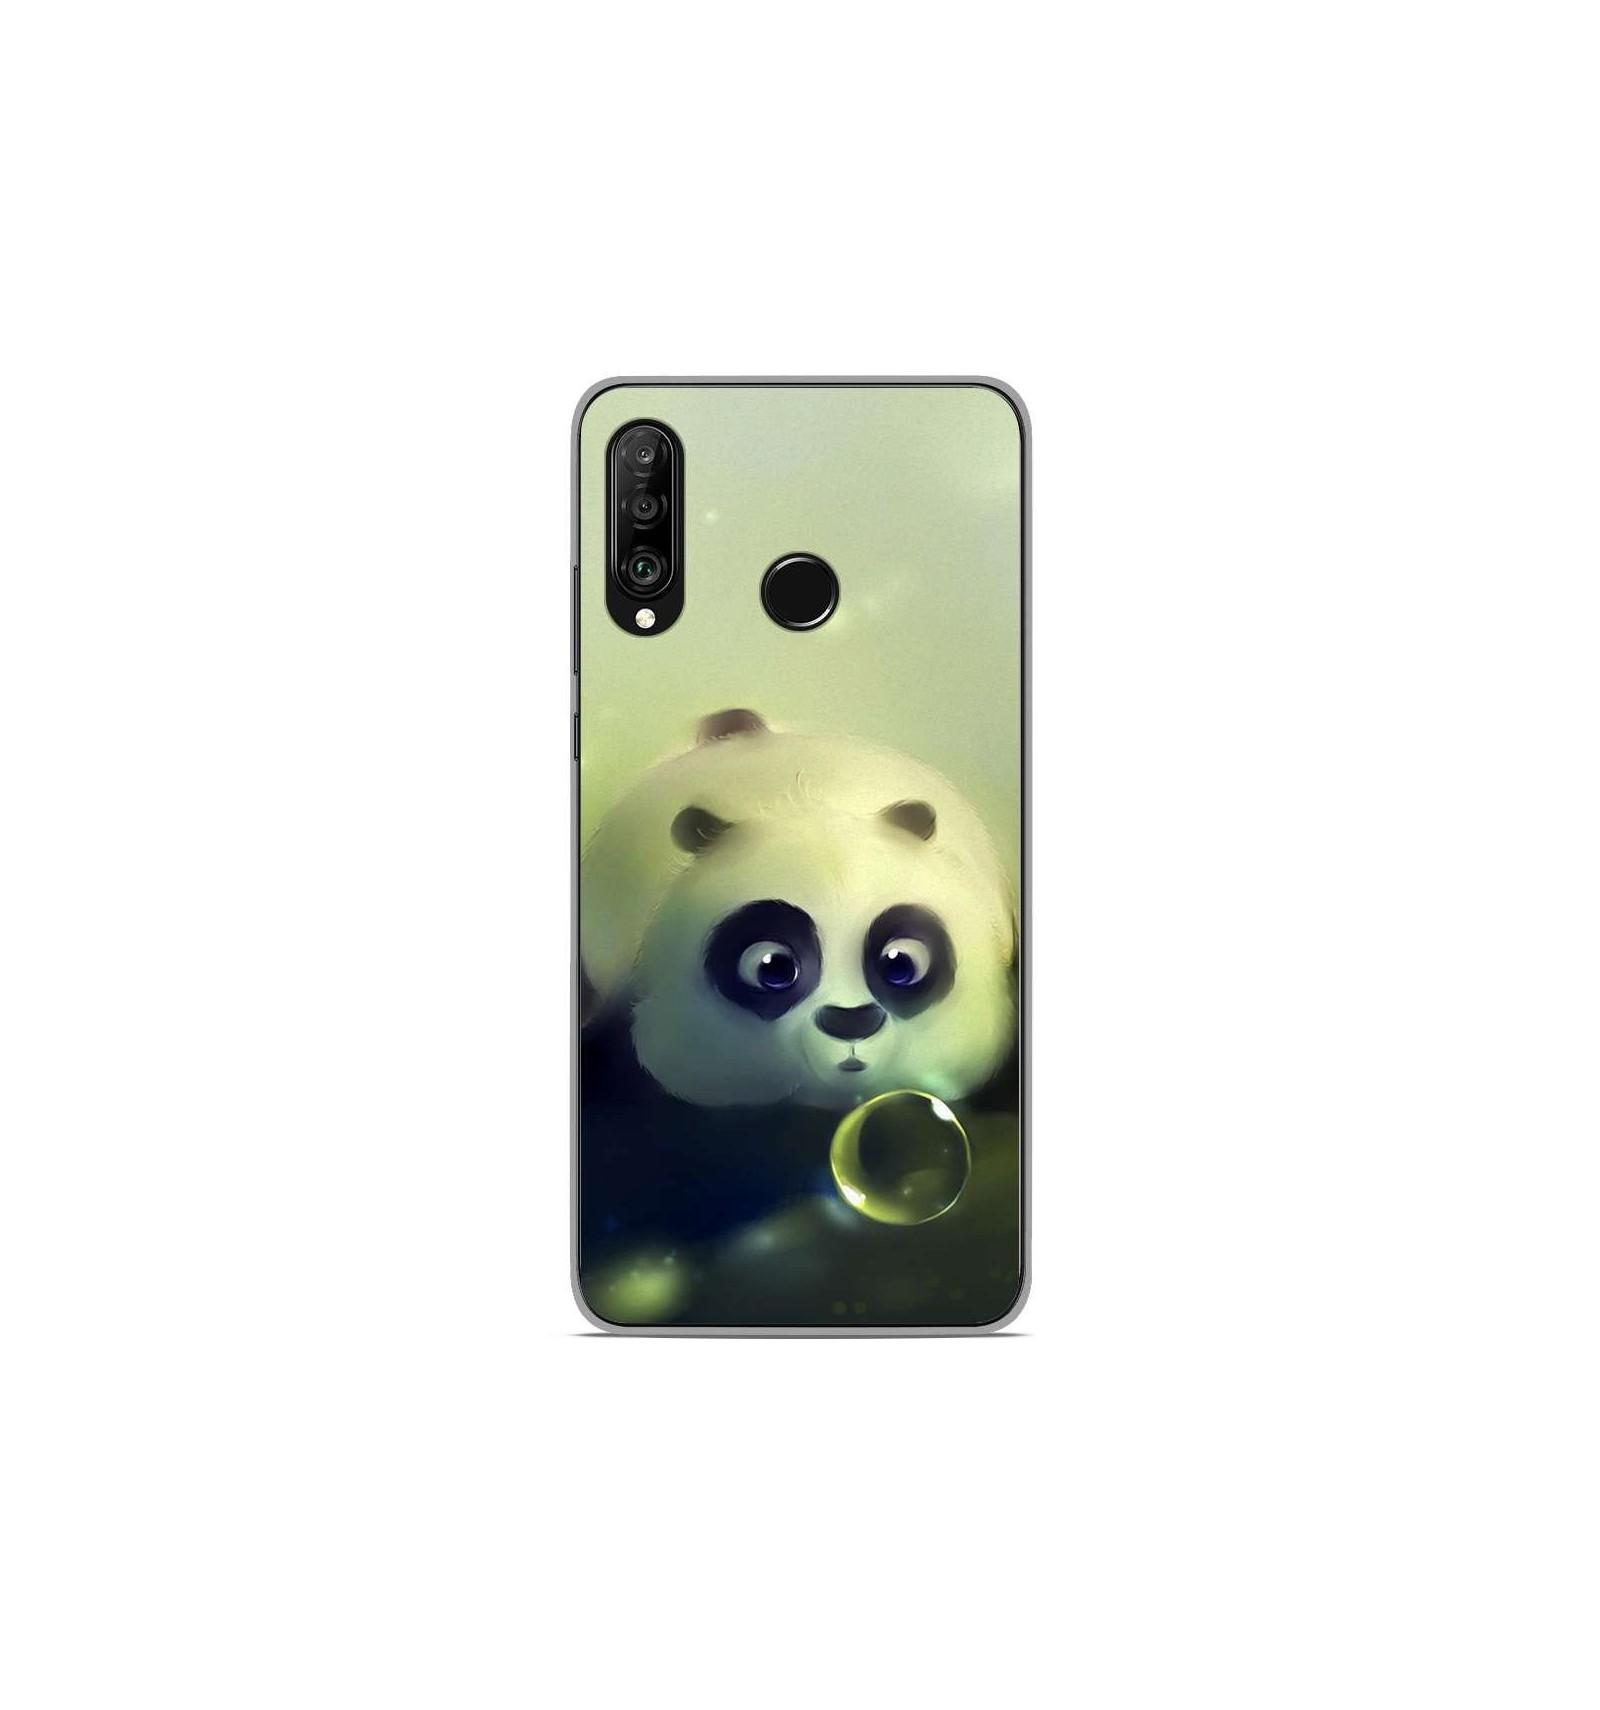 coque huawei p30 pro panda